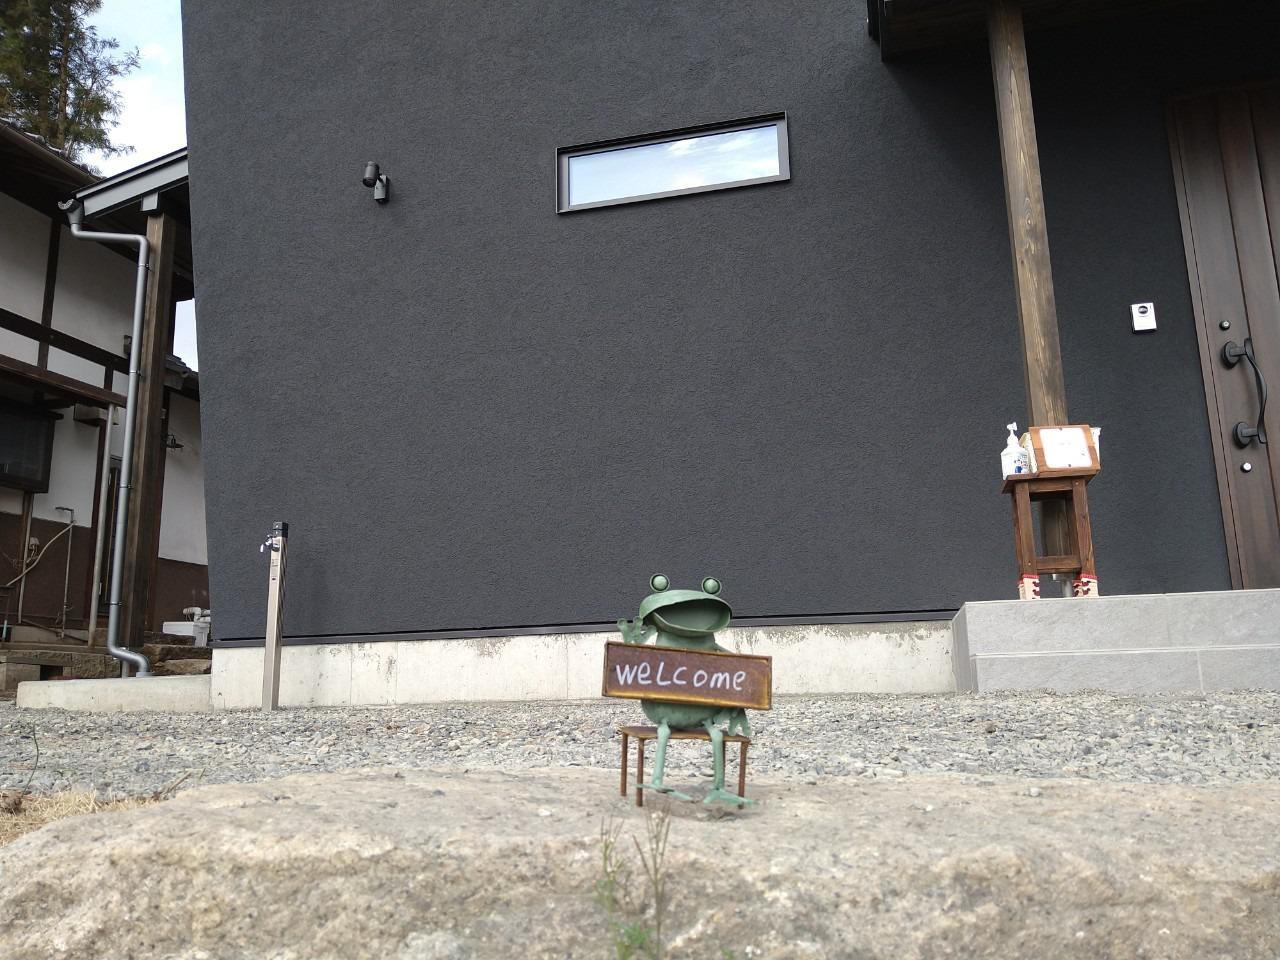 2021年4月3日~4月11日開催 安曇野市穂高『ホシノミエルオカ』完成内覧会の画像5